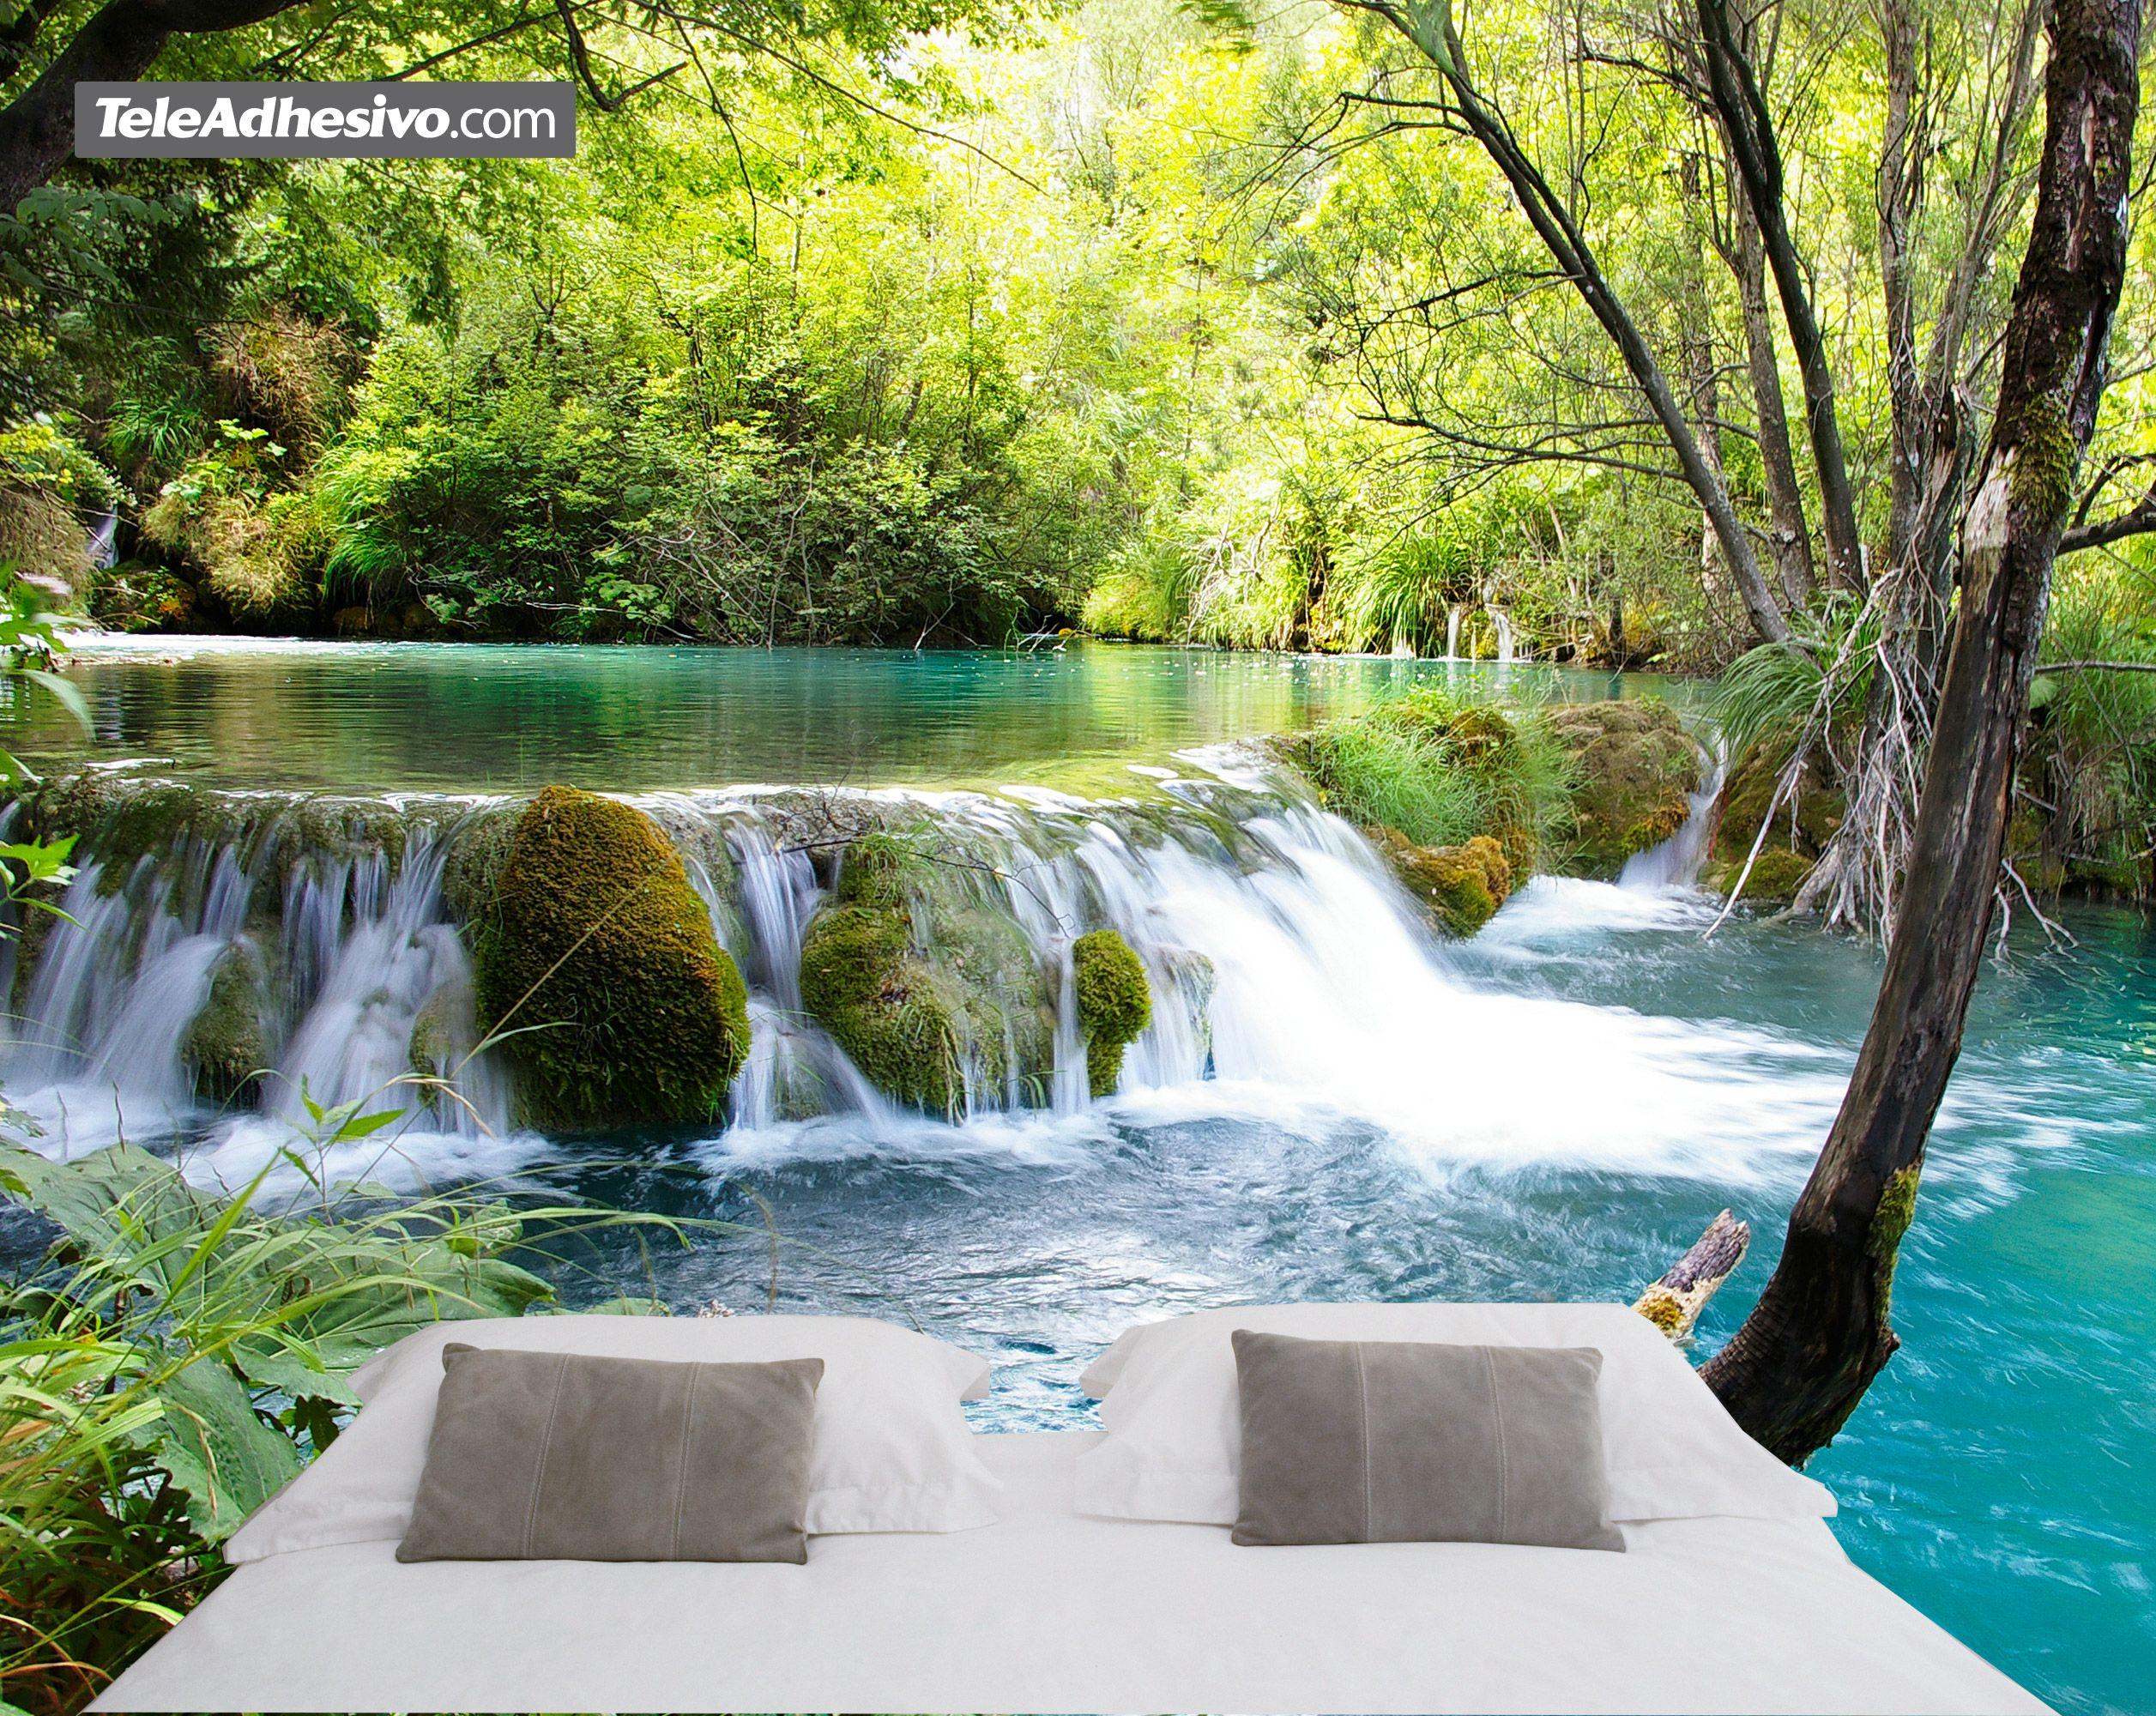 Fotomurales: Vegetación y río con cascada   pared decoración ...